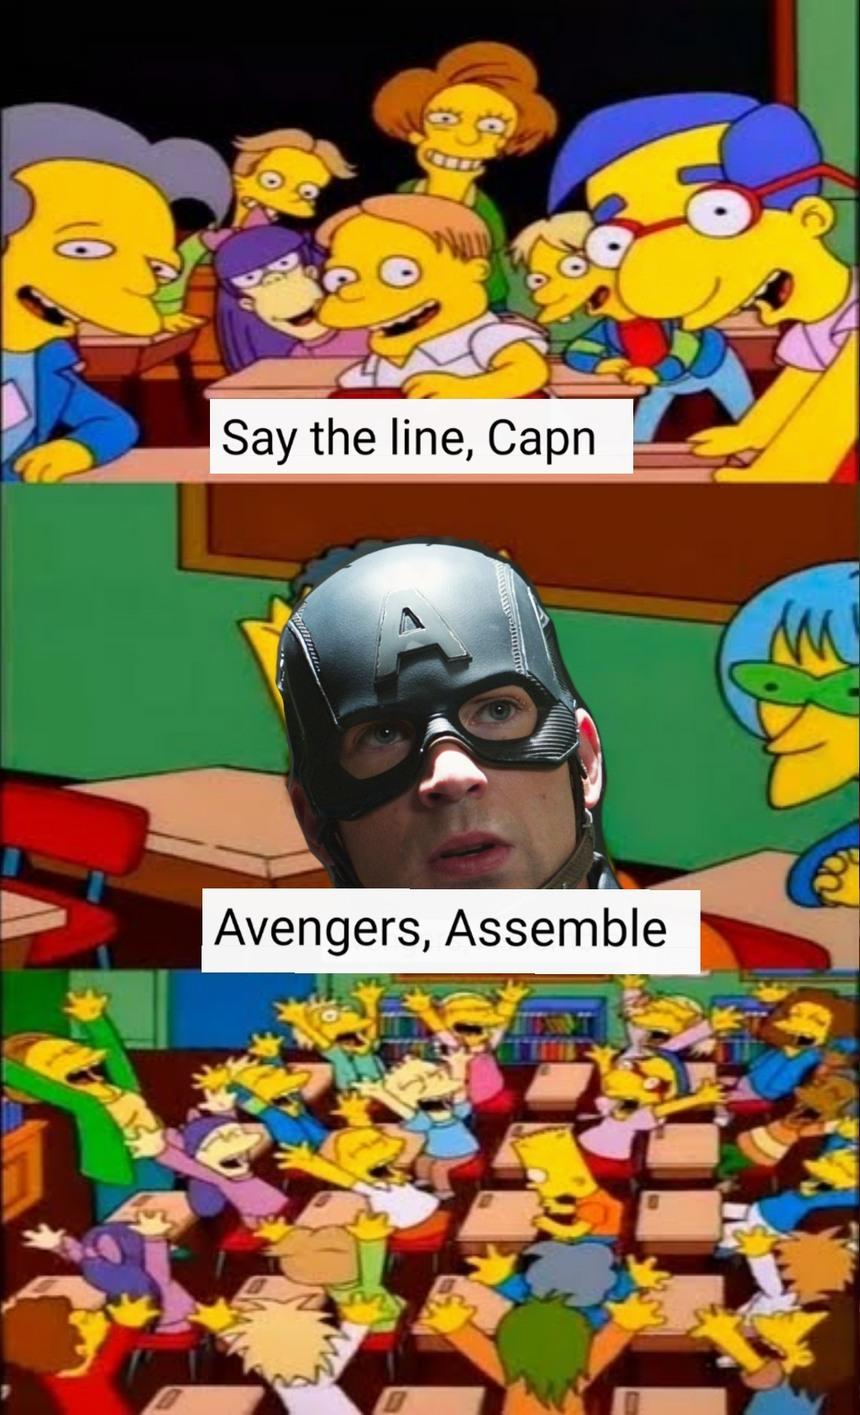 Meme ban lifted